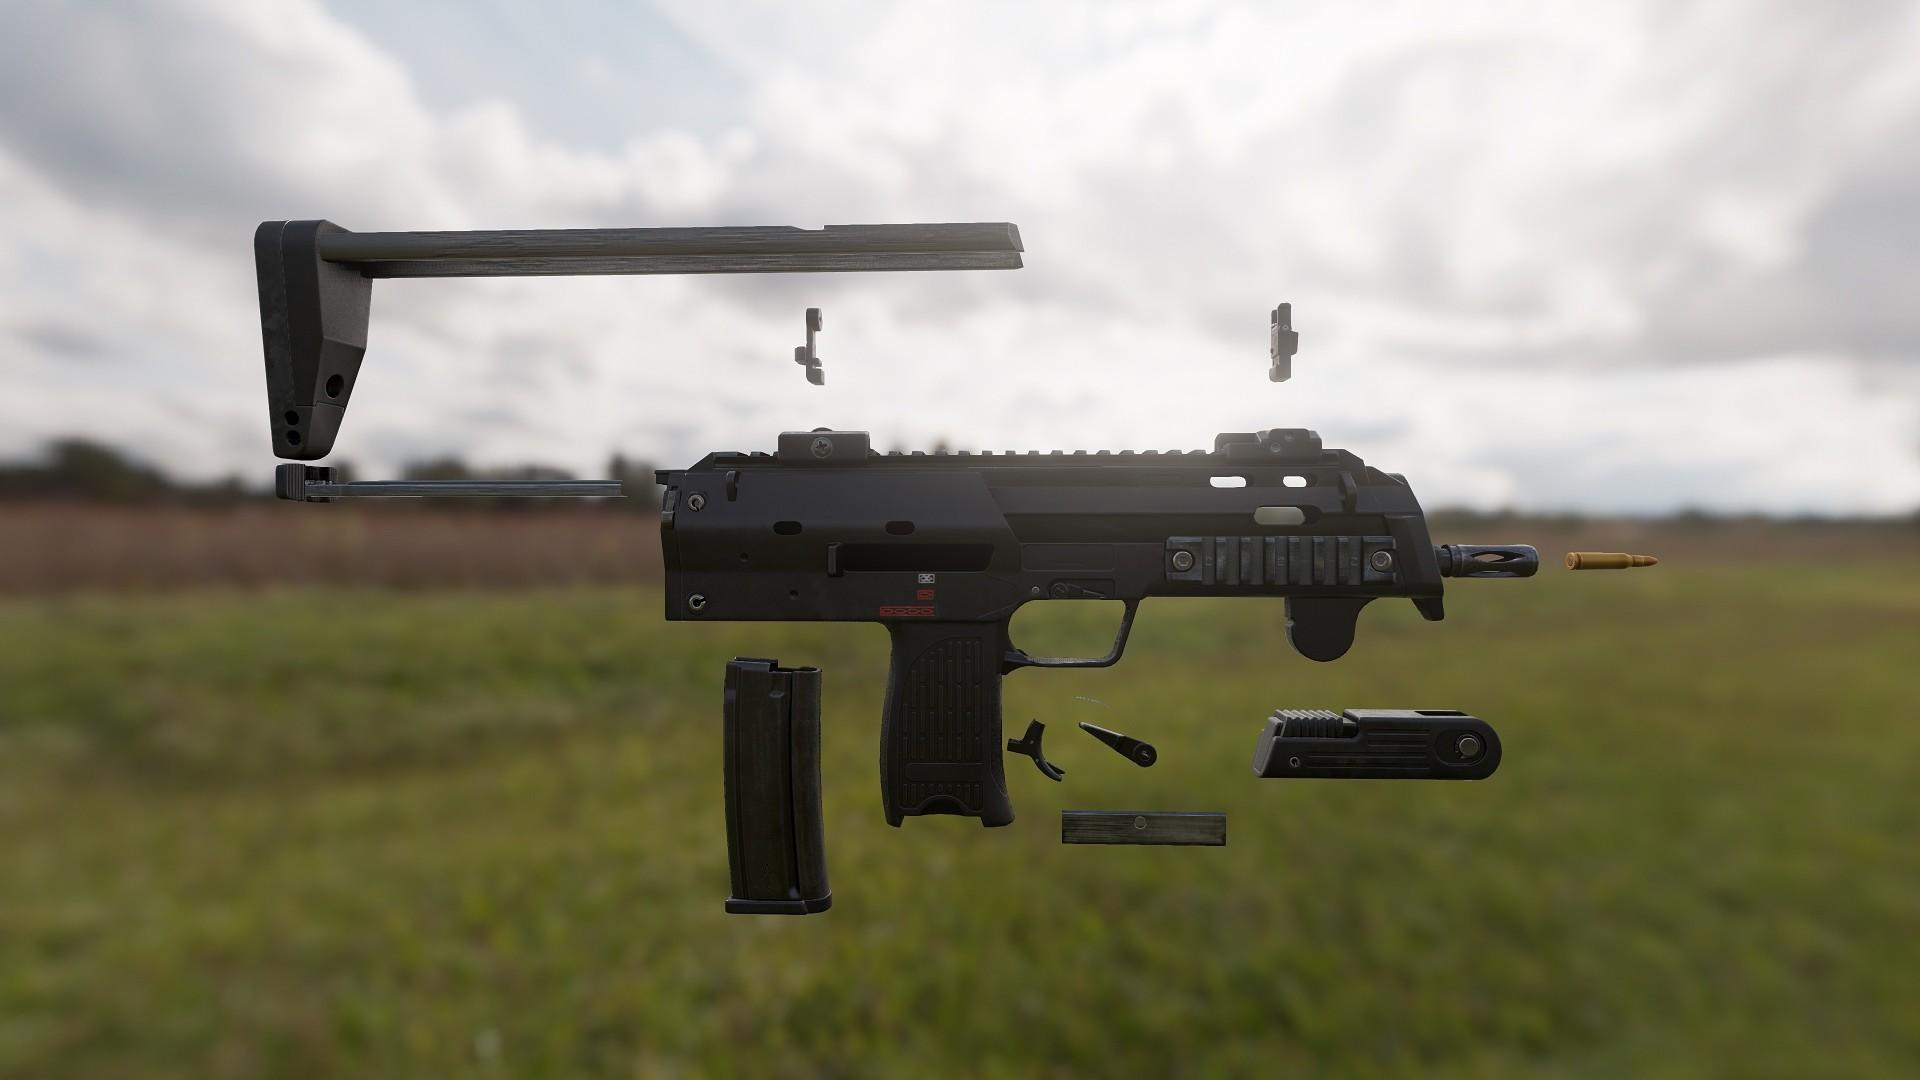 3D Weapon - Submachine parts